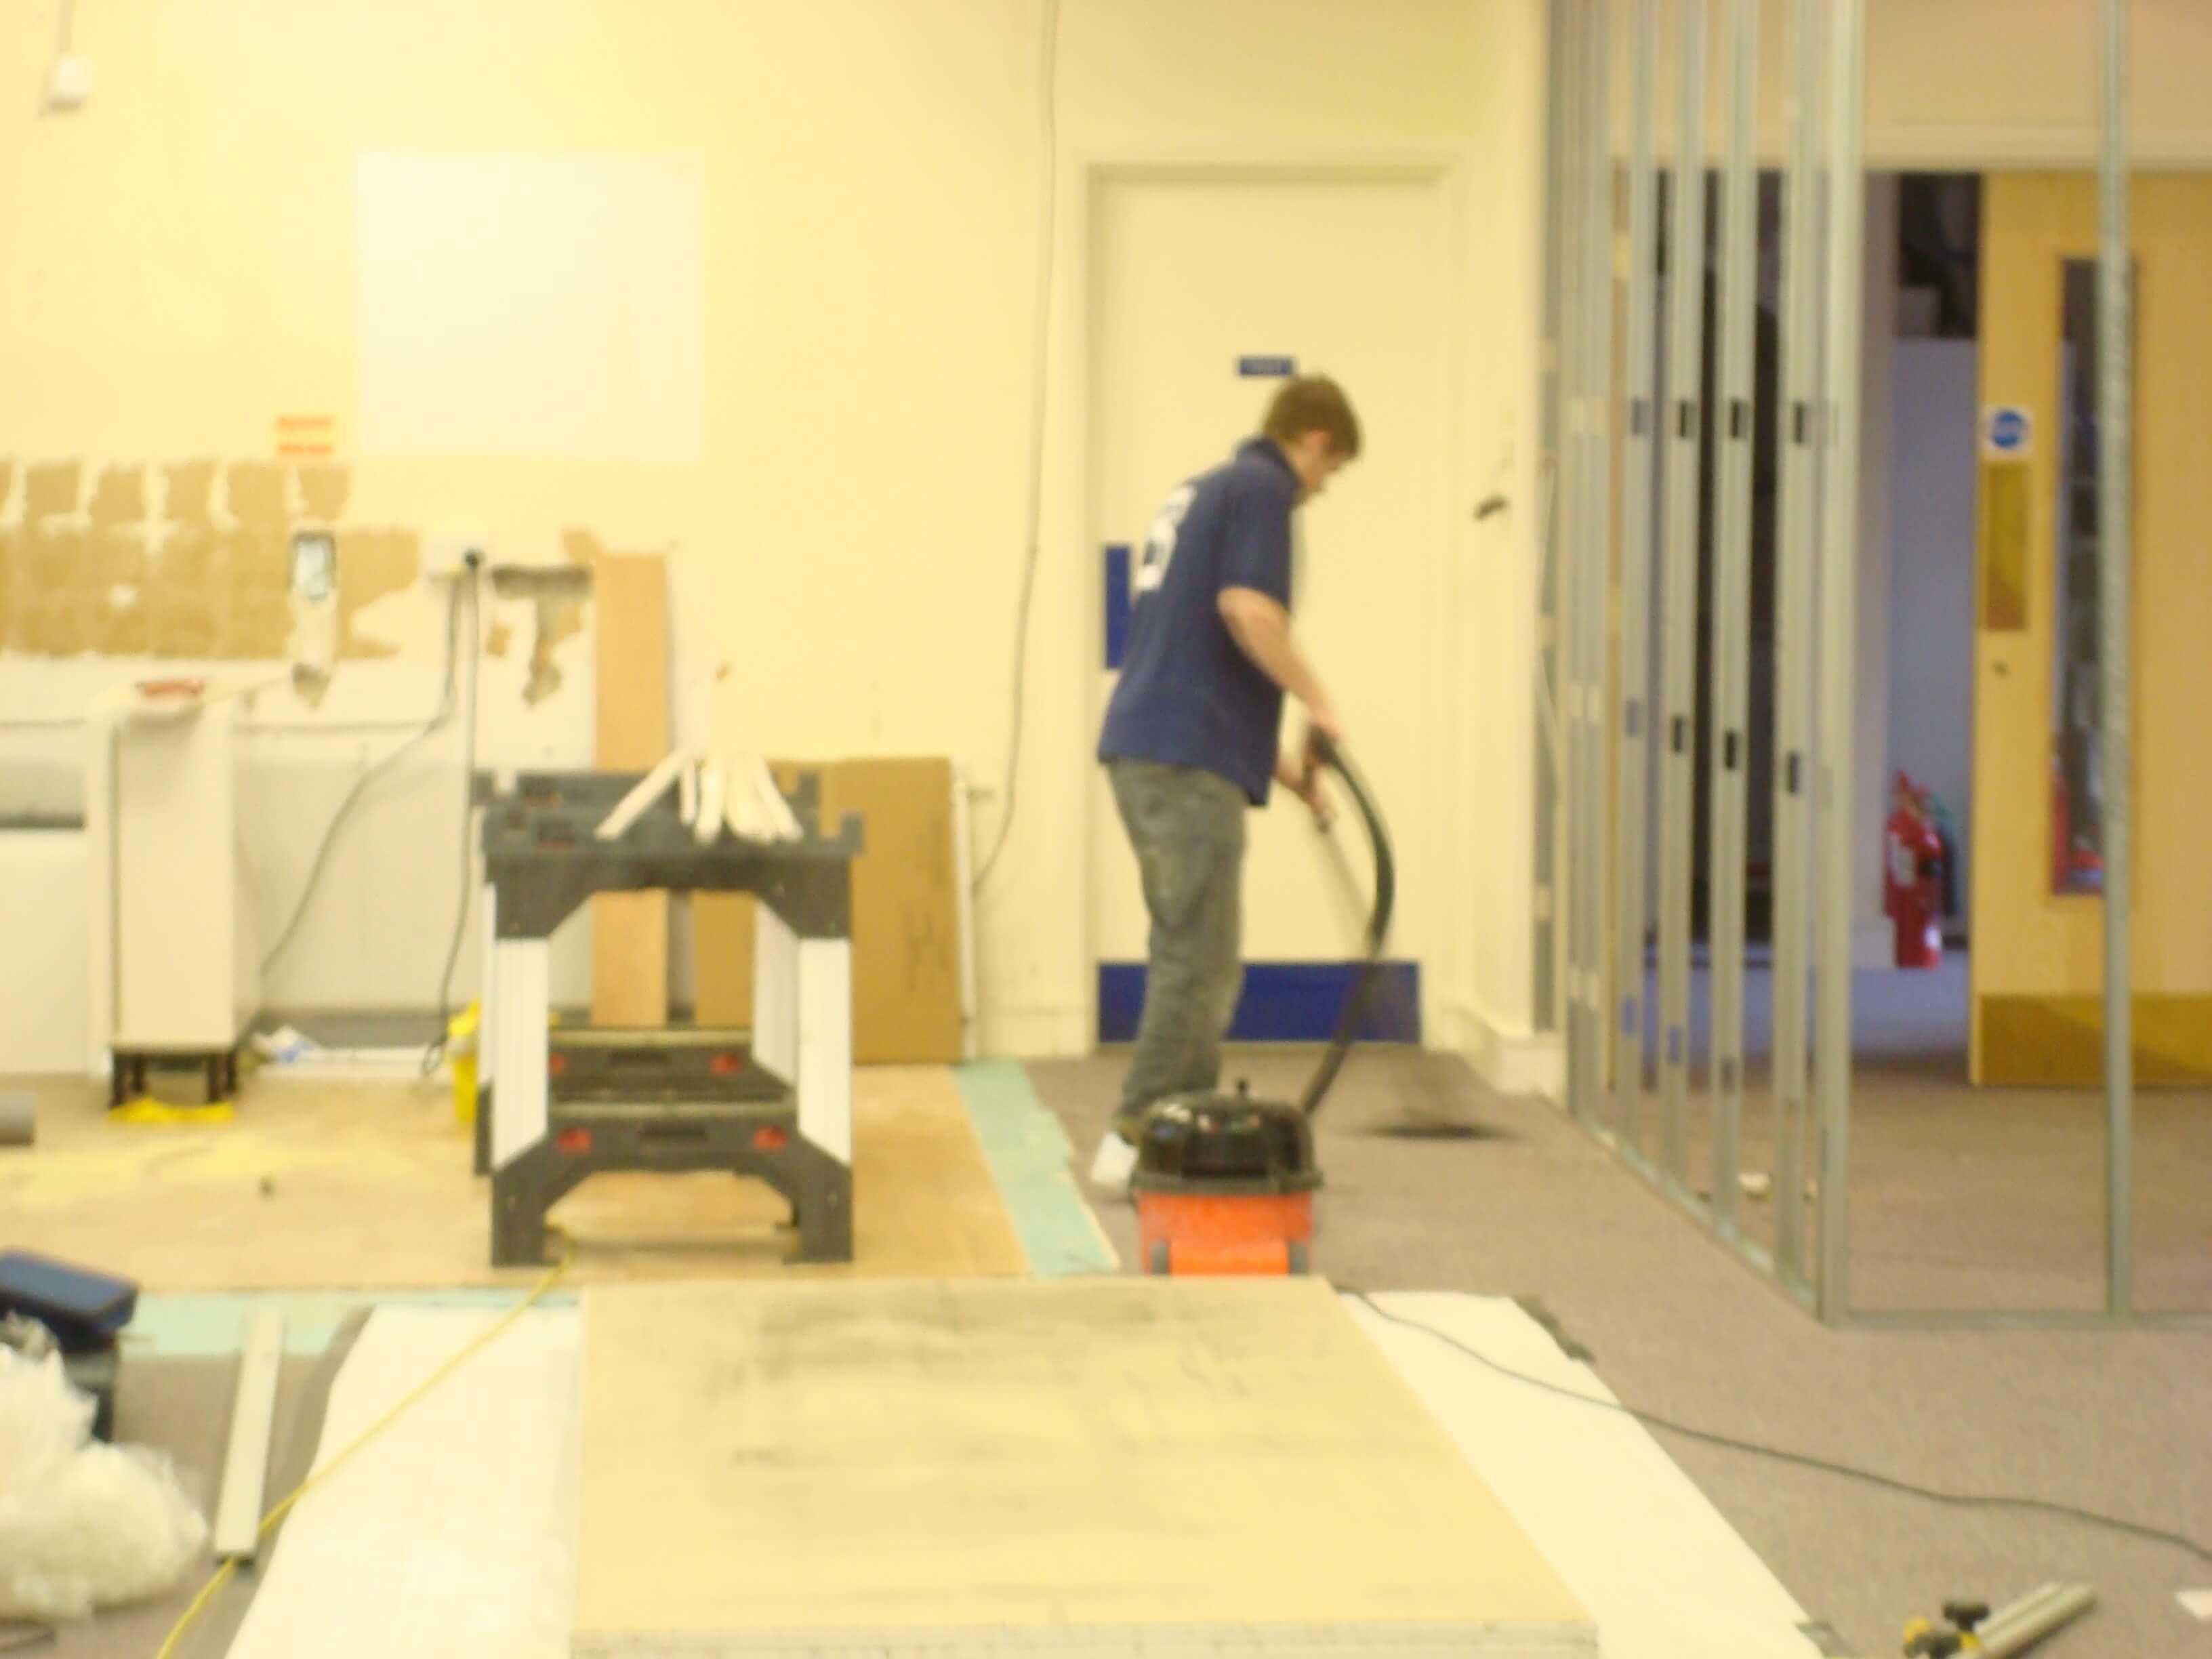 Cre8tive Interiors office refurbishment